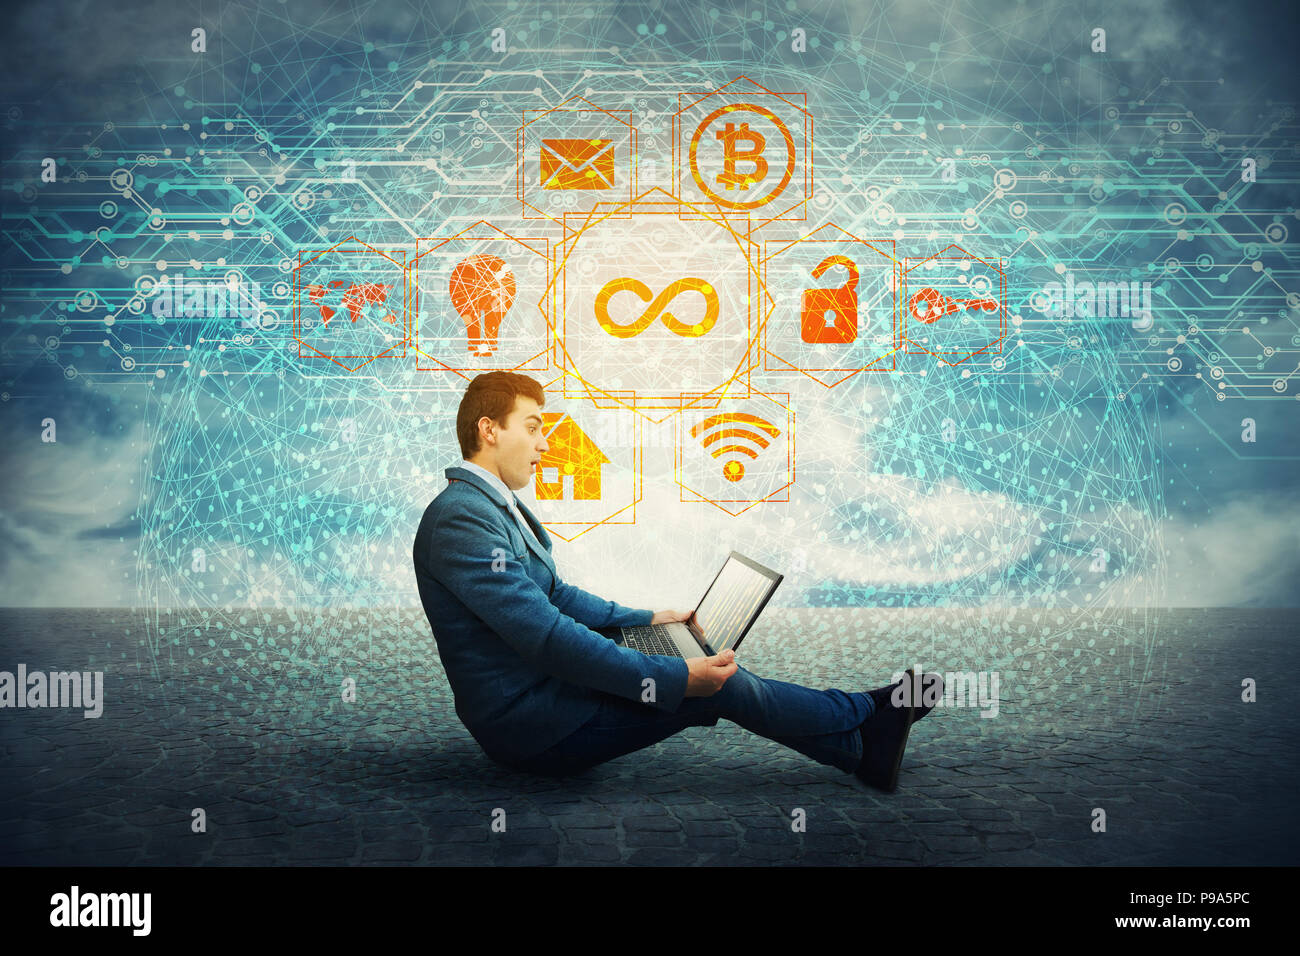 Asombrado estudiante mirando un portátil como holograma realista que sale de la pantalla. Mundo moderno de entretenimiento y negocios de tecnología informática. Infinito Foto de stock